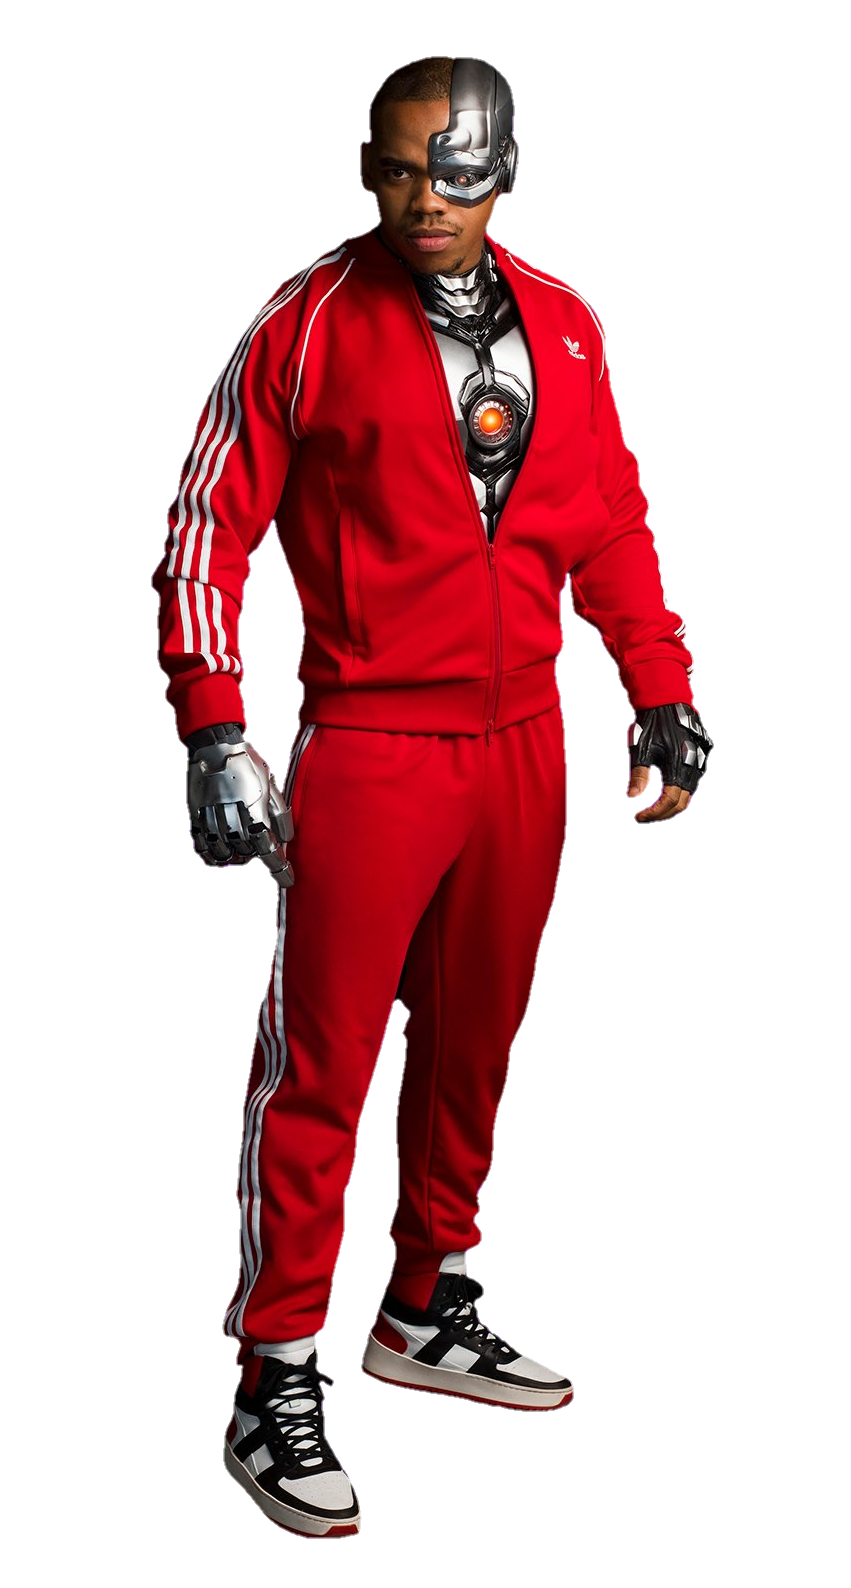 Doom Patrol Victor Stone Cyborg Png By Metropolis Hero1125 On